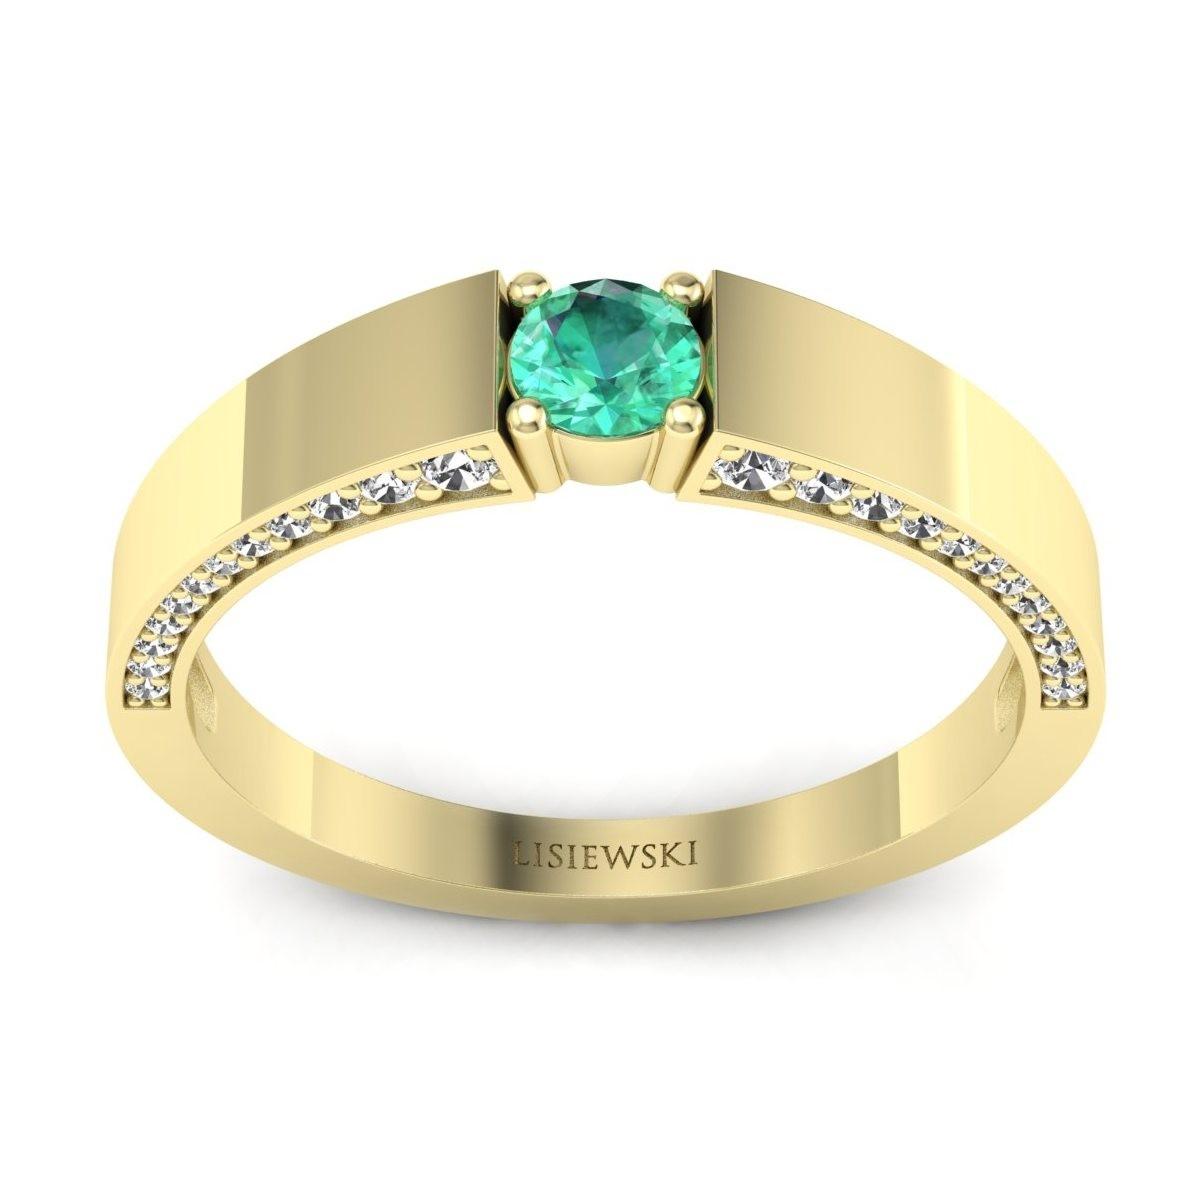 Verona - Złoty pierścionek ze szmaragdem i diamentami